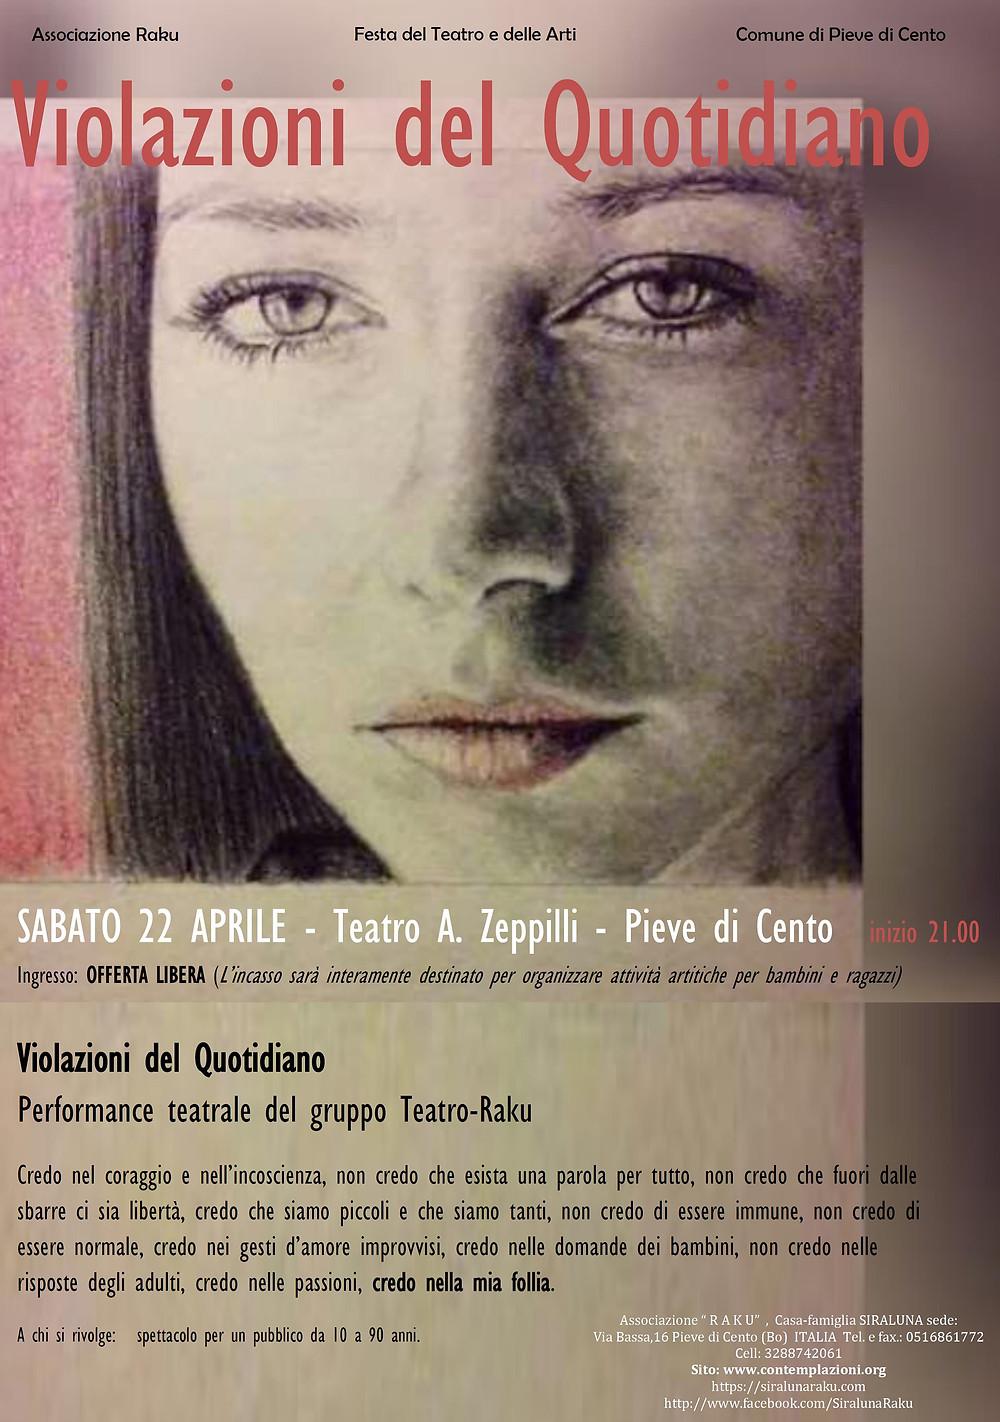 Cartellone dello spettacolo Violazioni del Quotidiano - Sabato 22 Aprile 2017 Teatro Zeppilli Pieve di Cento